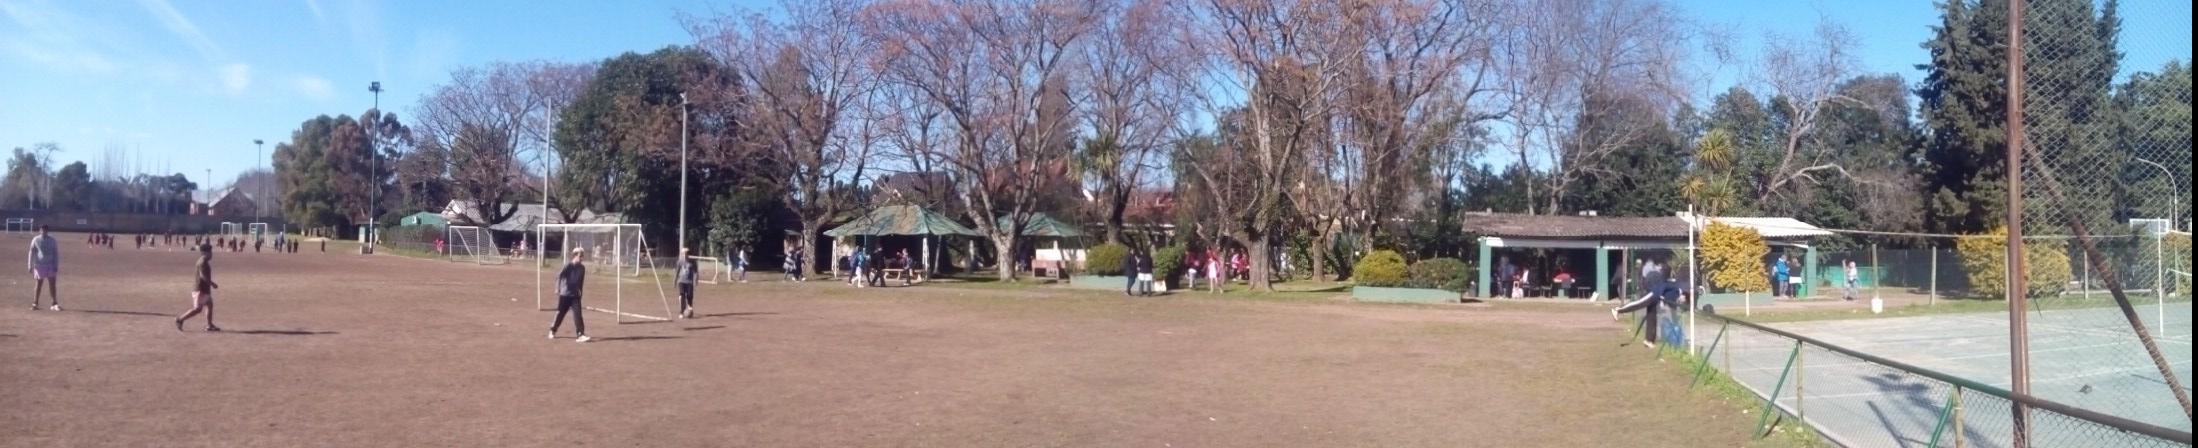 evacuacion-escuela-14.jpg